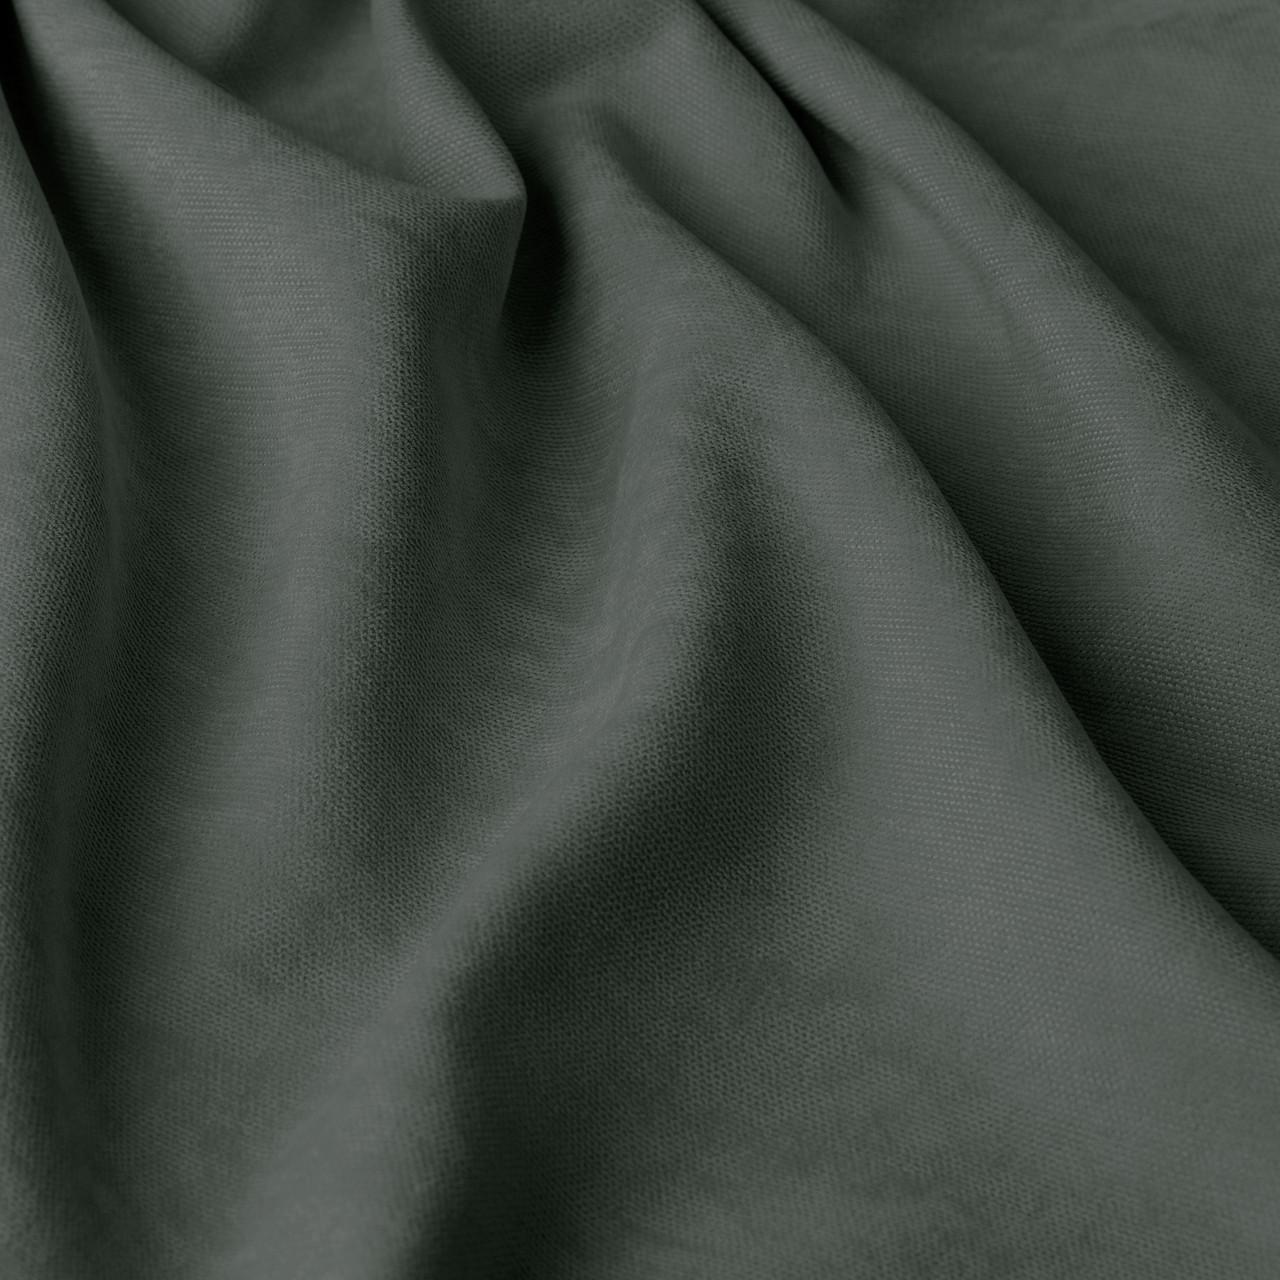 Однотонная декоративная ткань велюр серого цвета Турция 84429v39